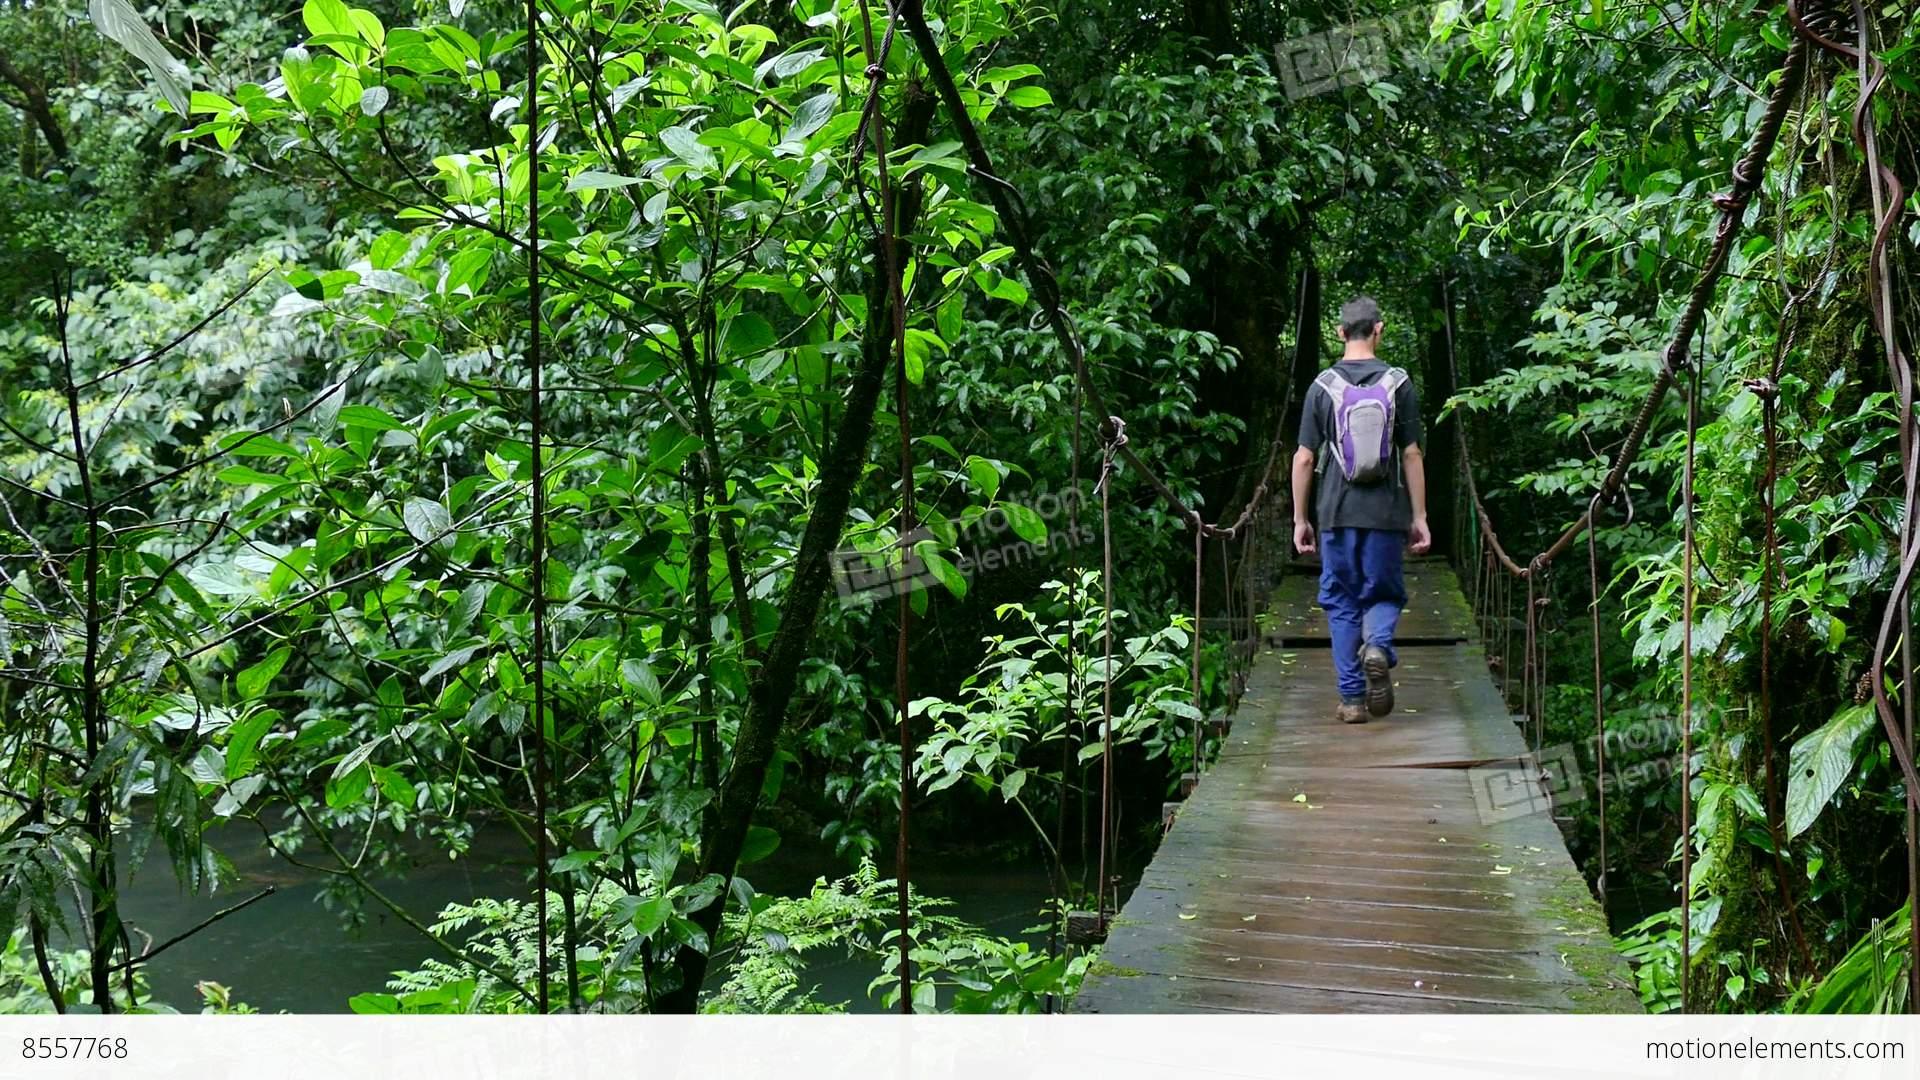 Man People Walking Trekking Hiking Hanging Bridge Jungle